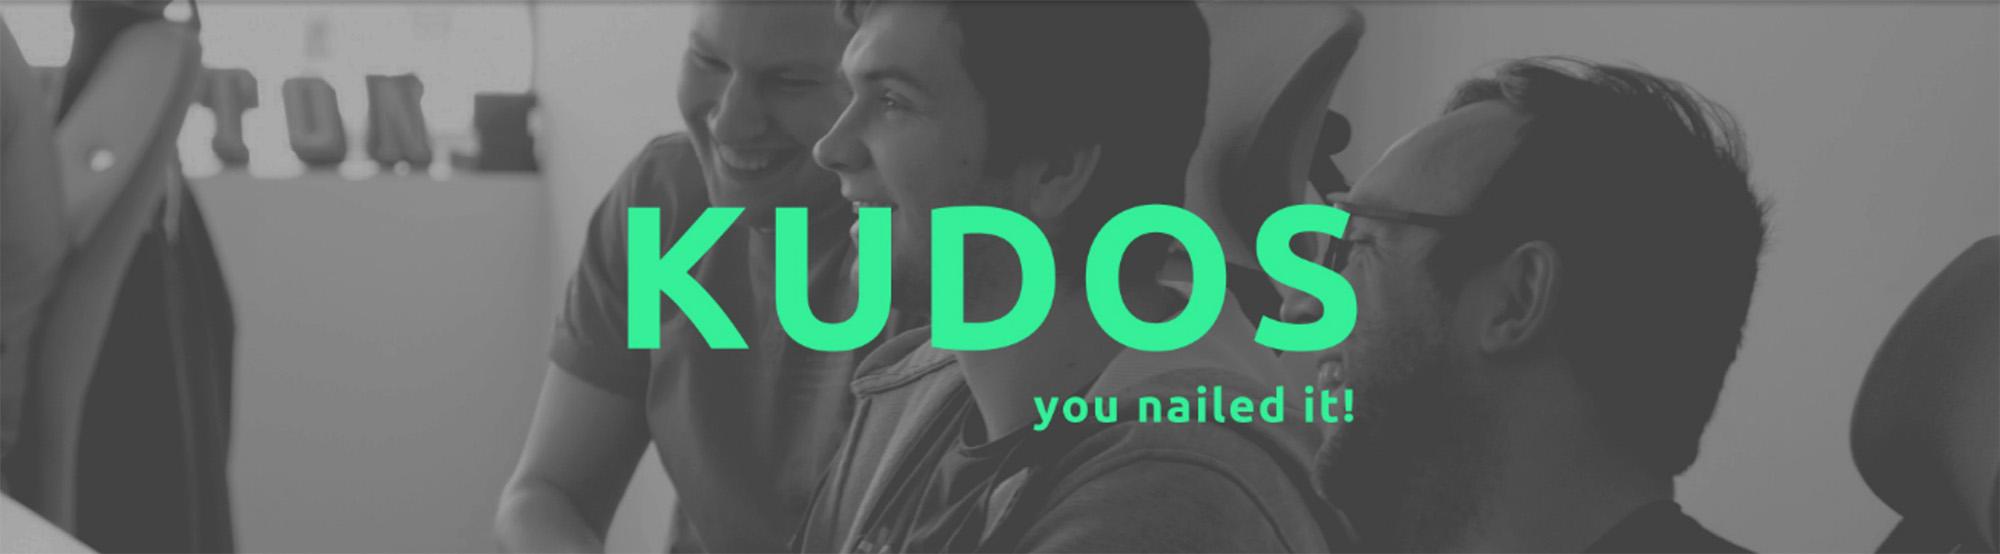 kudos-screen